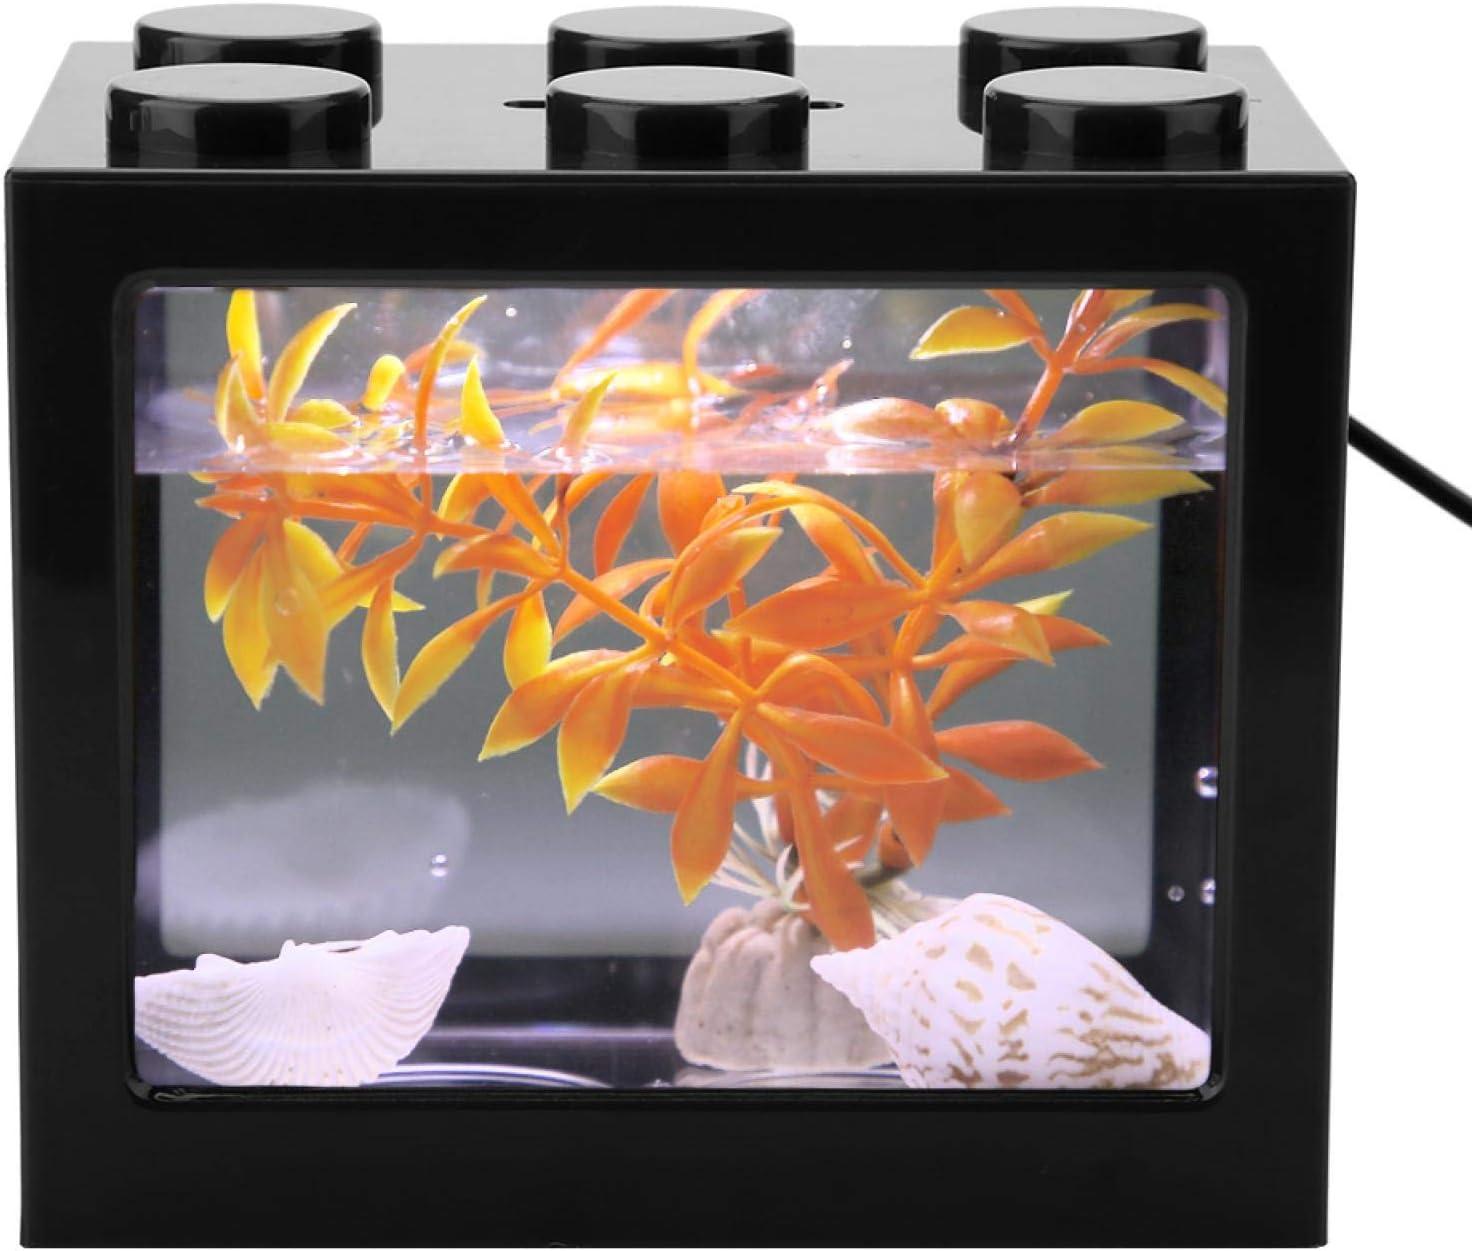 White 【Venta del d/ía de la Madre】 Peque/ño Tanque de Peces Mini Acuario de Carga USB ecol/ógico Resistente a la corrosi/ón Mini Forma Exquisita Sala de Estar para Oficina Mesa de t/é en casa